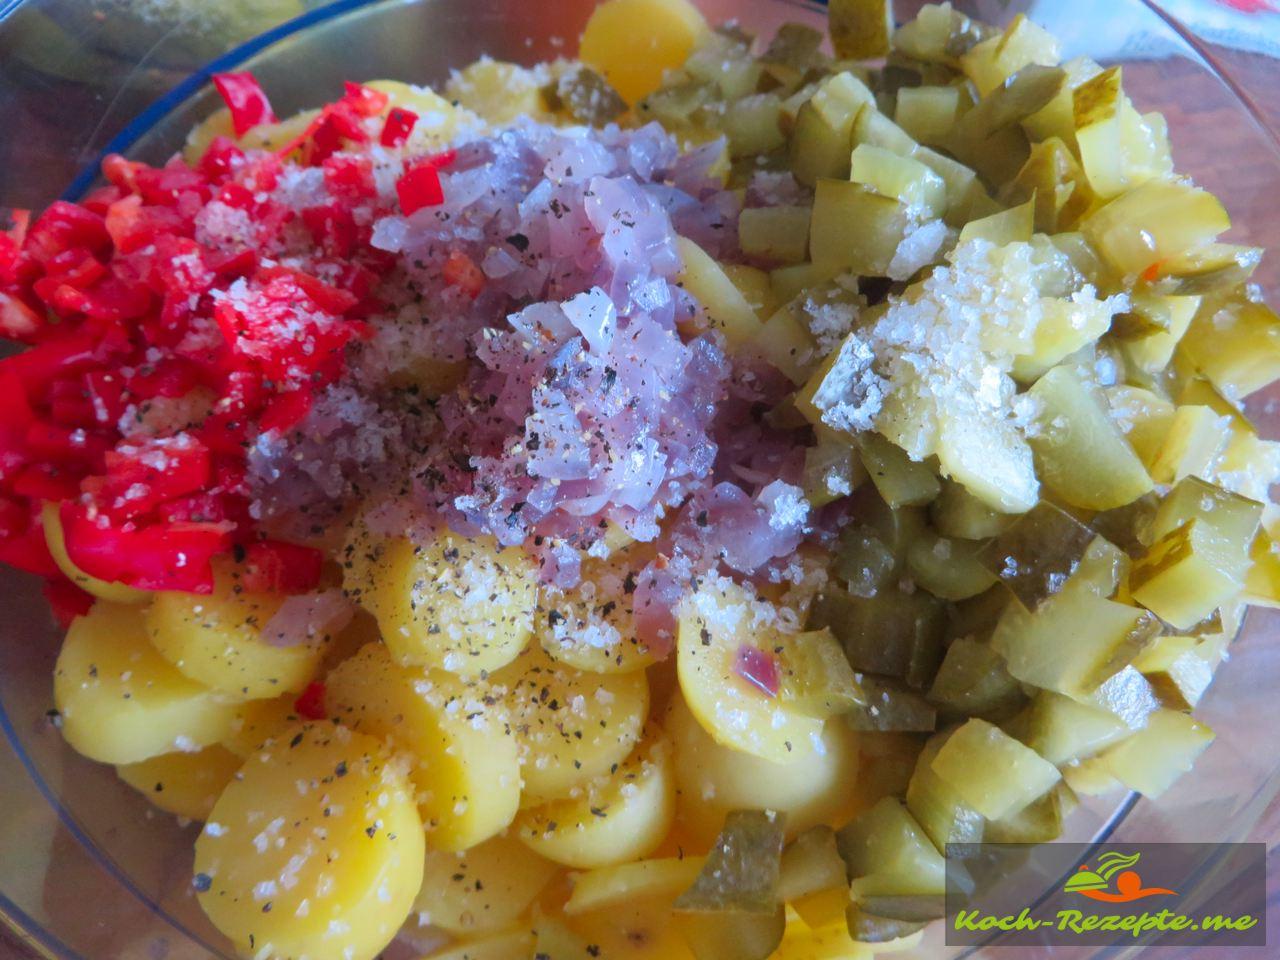 Kartoffel,Paprika,Gurken, gedünstete Zwiebeln fertig